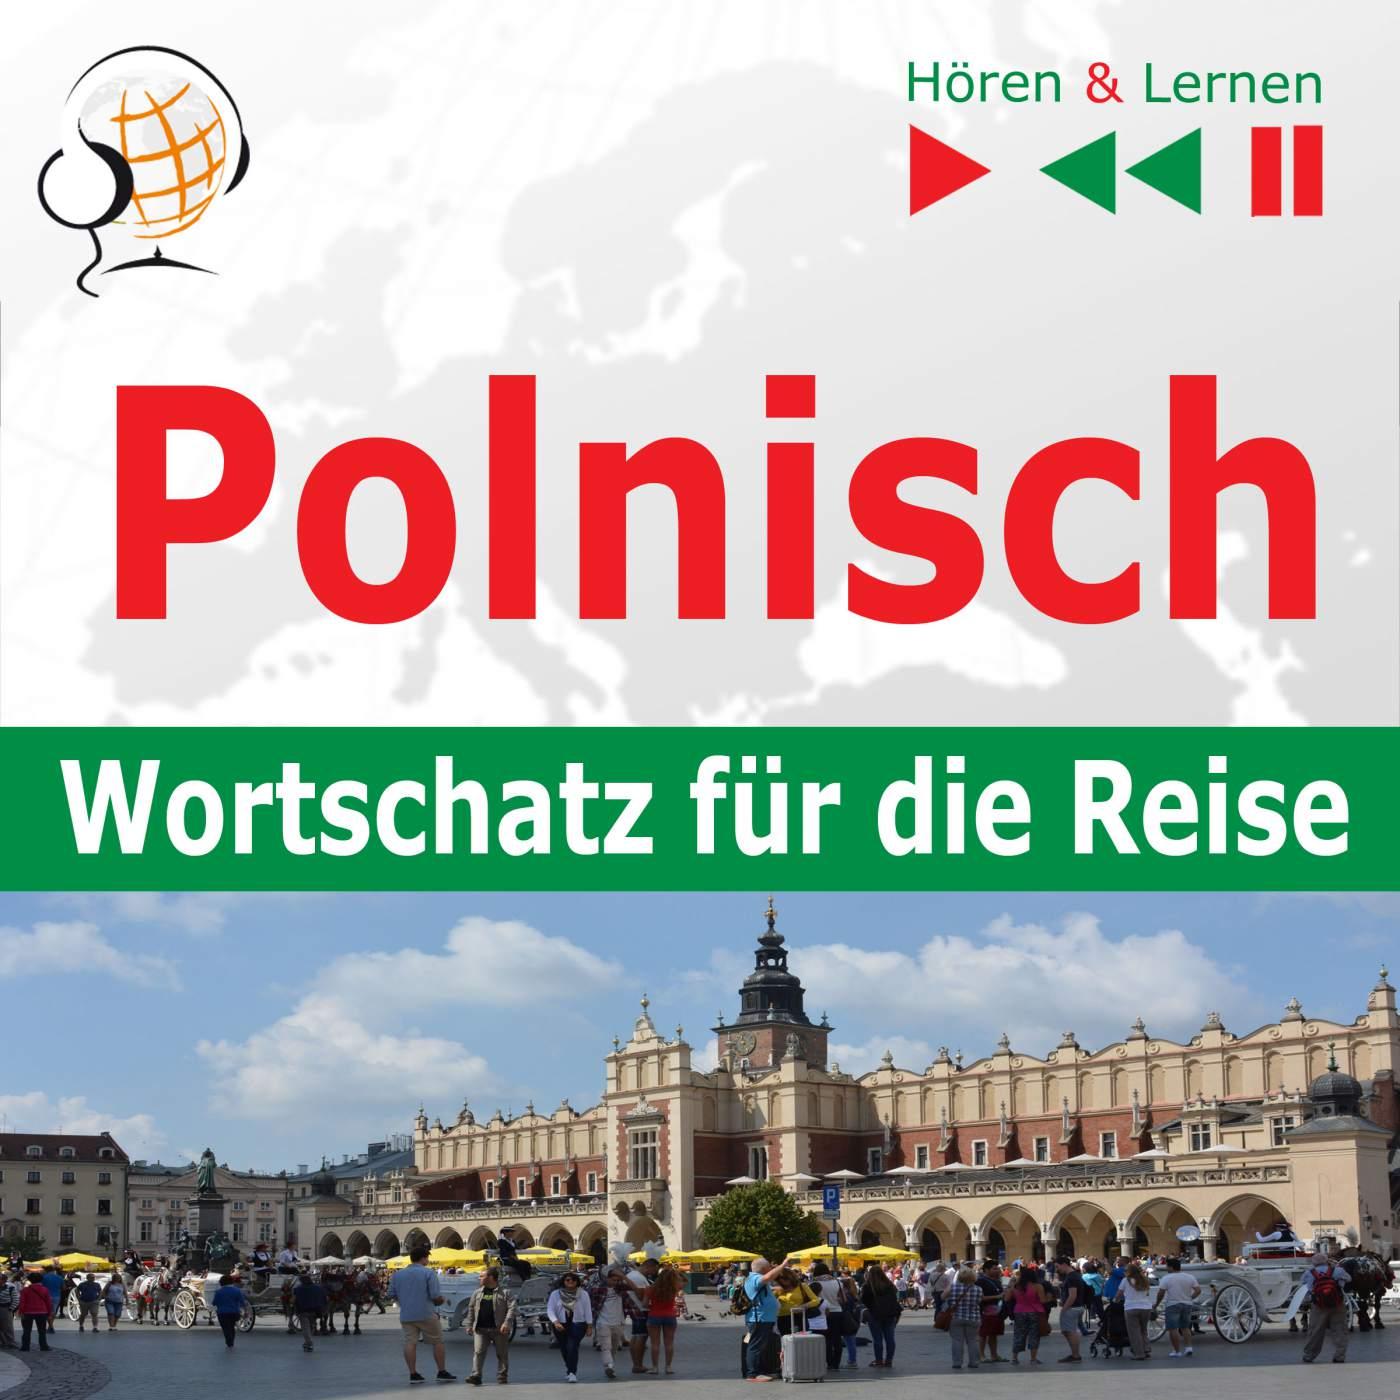 Polnisch. Wortschatz für die Reise – Hören & Lernen: 1000 wichtige Wörter und Wendungen - Audiobook (Książka audio MP3) do pobrania w całości w archiwum ZIP